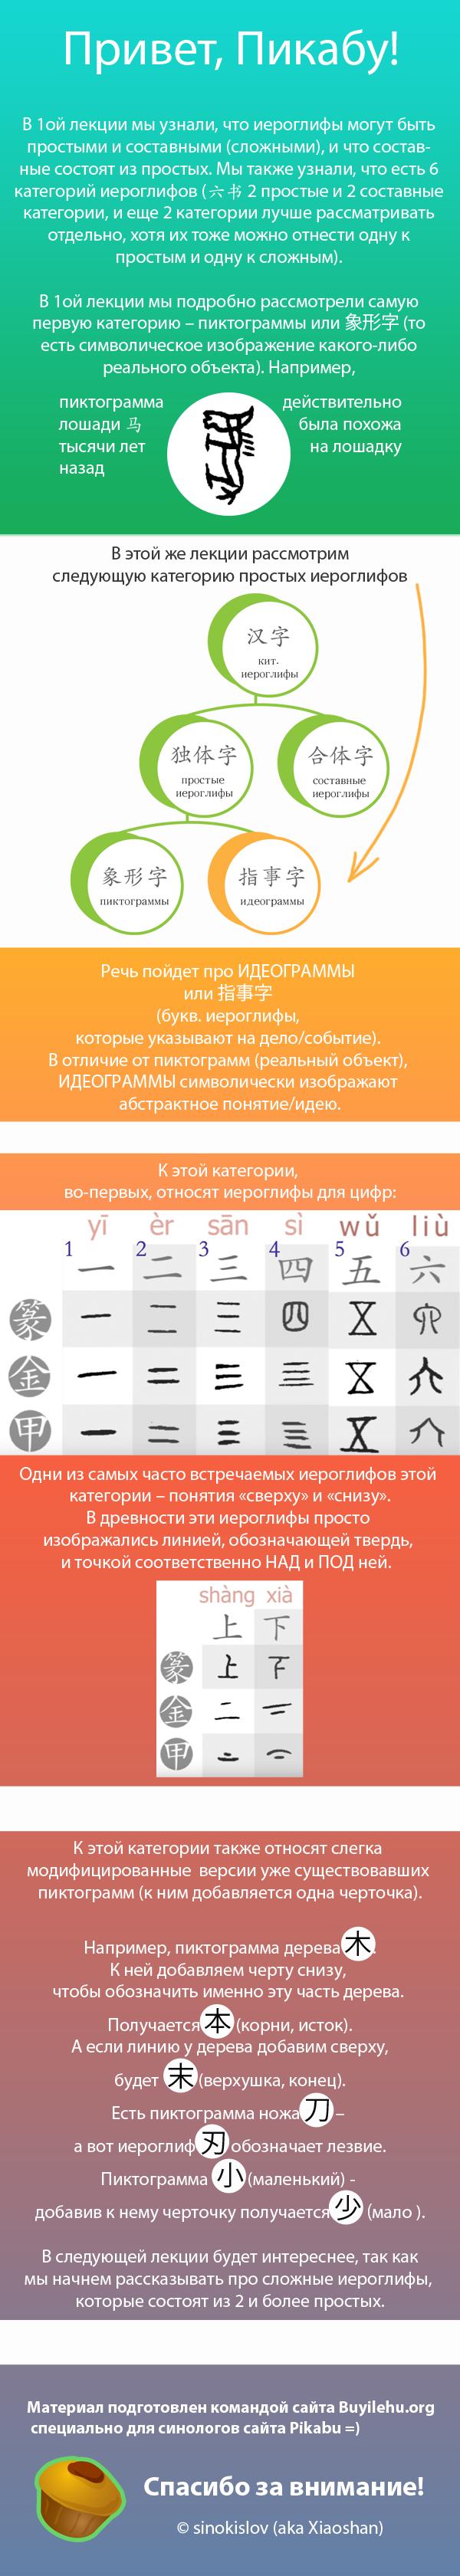 Сложны ли китайские иероглифы (2-я лекция, длиннопост) Китай, Китайские иероглифы, Китайский язык, Иероглифы, Иностранные языки, Фриланс, Длиннопост